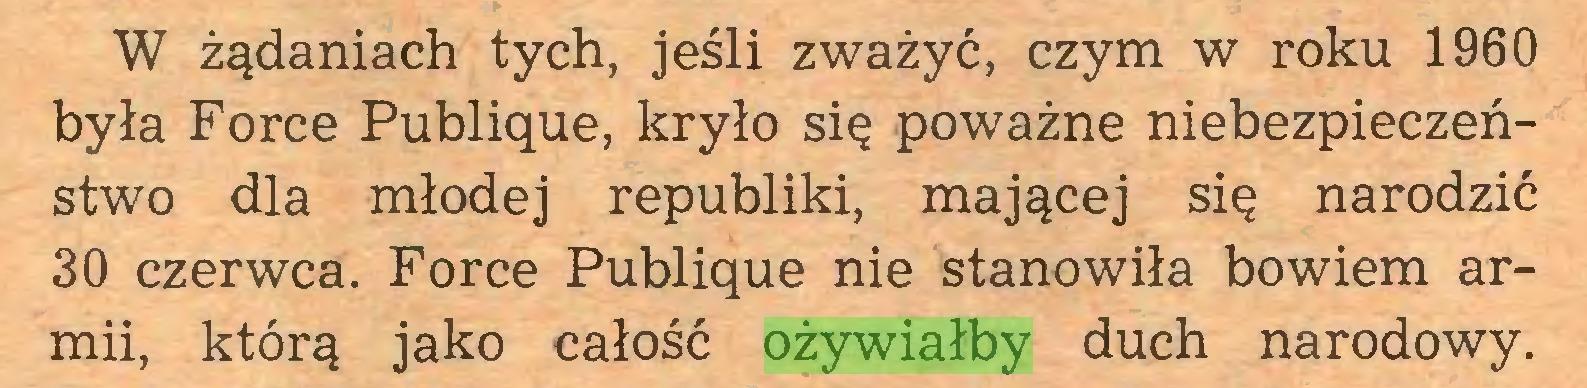 (...) W żądaniach tych, jeśli zważyć, czym w roku 1960 była Force Publique, kryło się poważne niebezpieczeństwo dla młodej republiki, mającej się narodzić 30 czerwca. Force Publique nie stanowiła bowiem armii, którą jako całość ożywiałby duch narodowy...